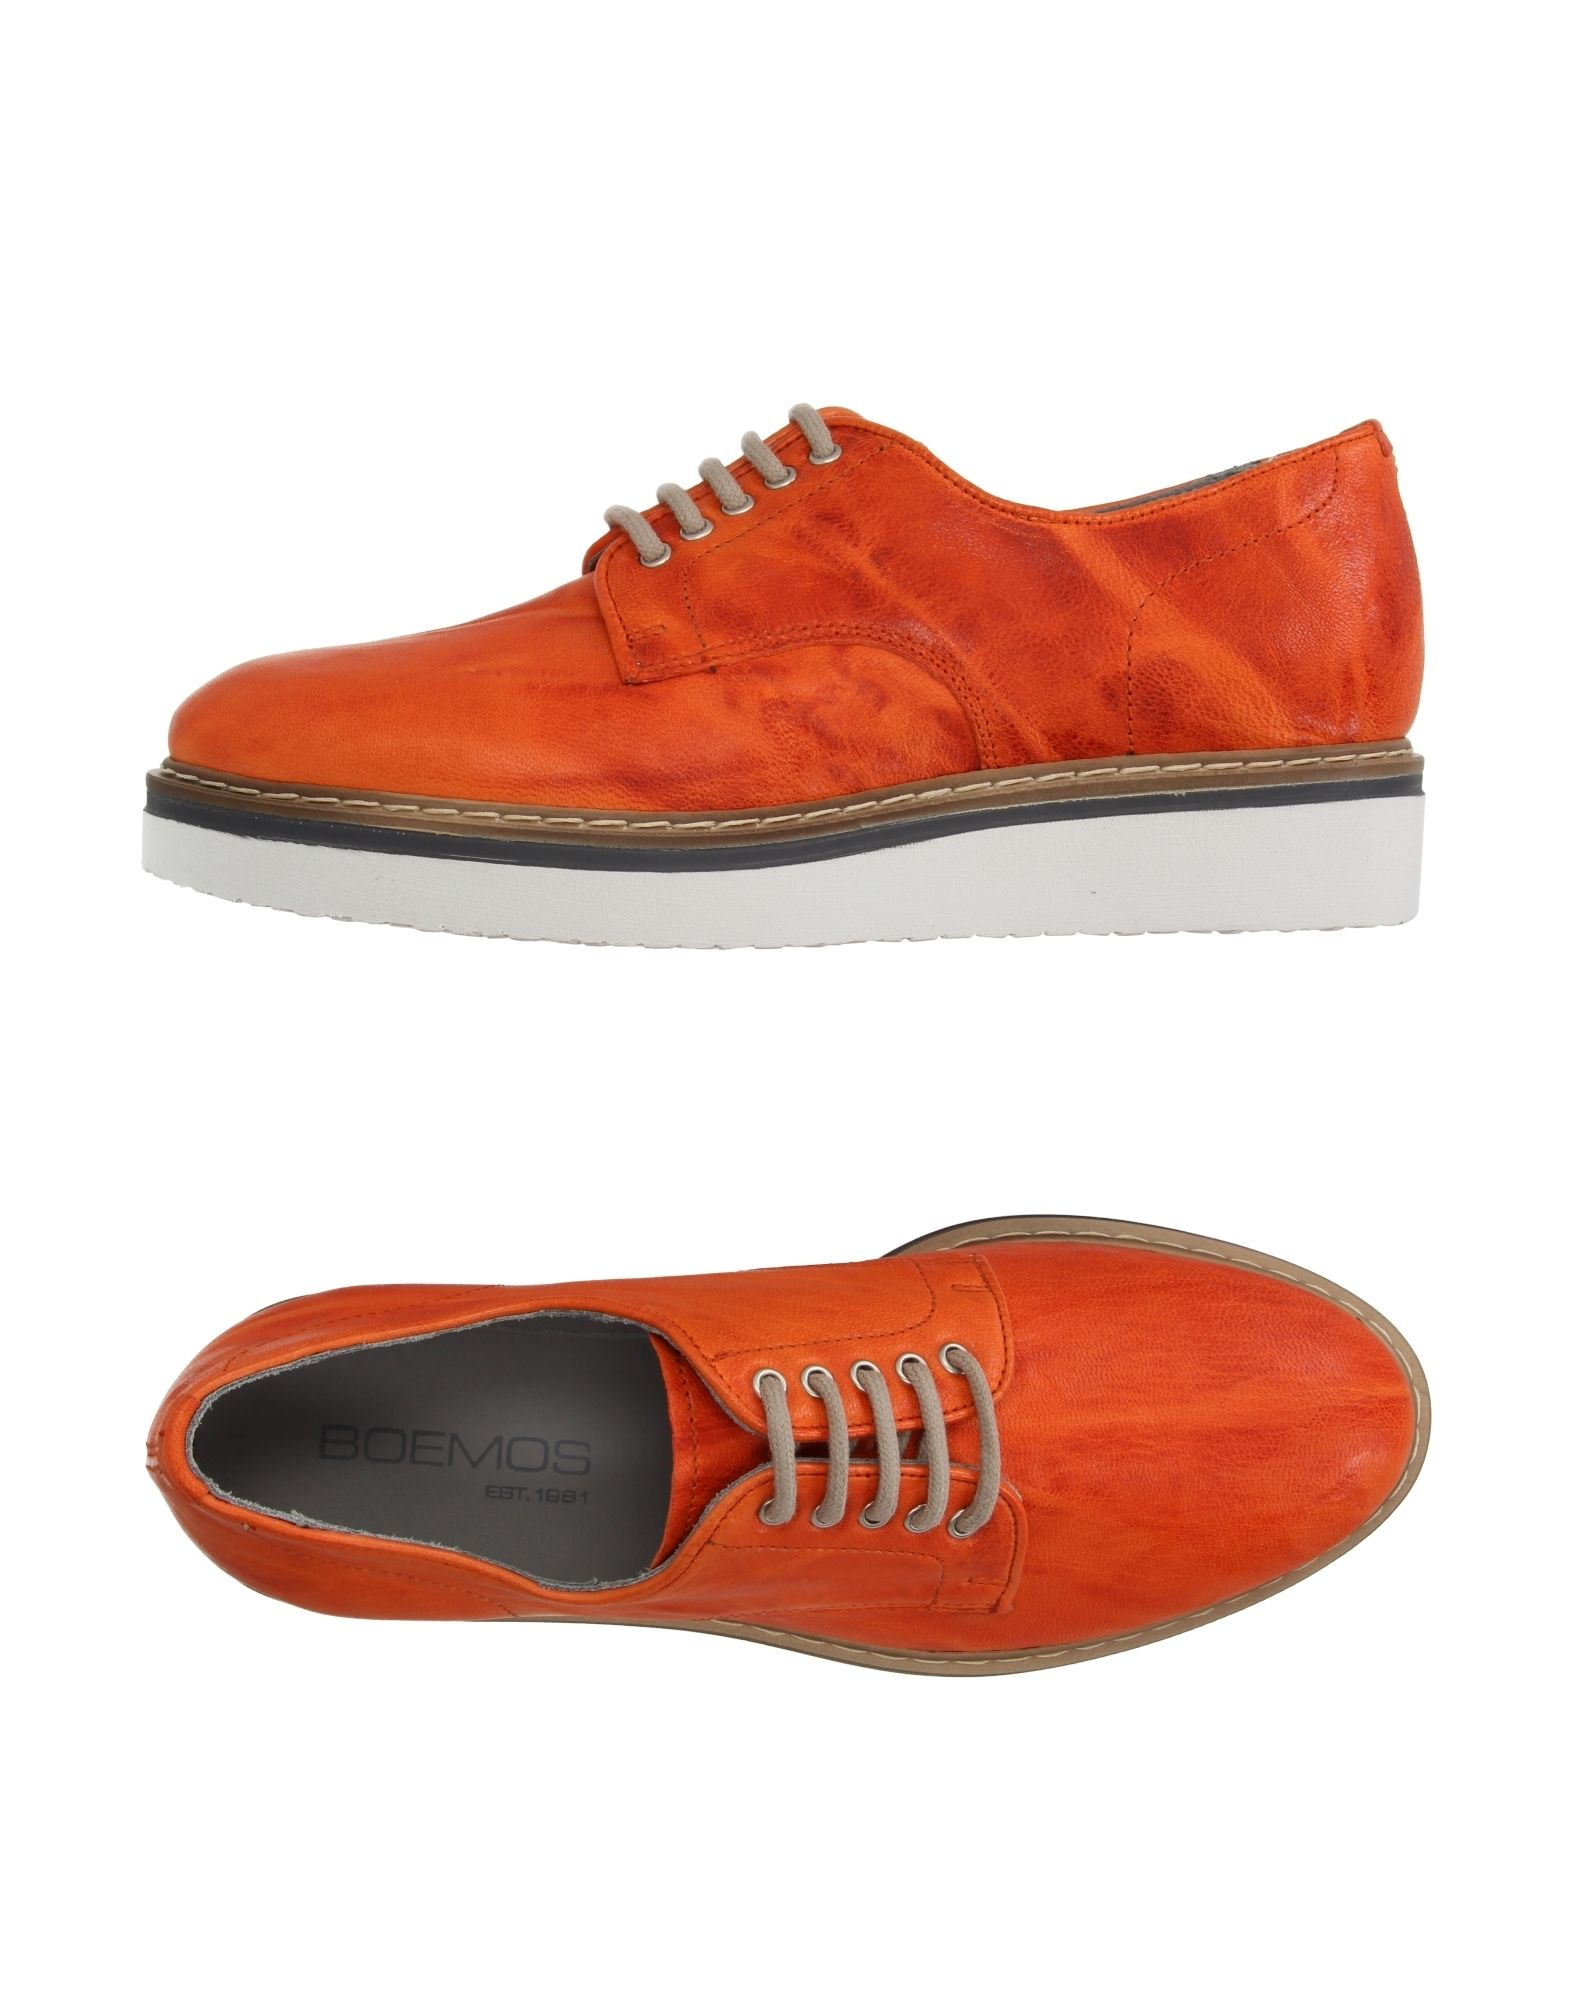 boemos female boemos laceup shoes